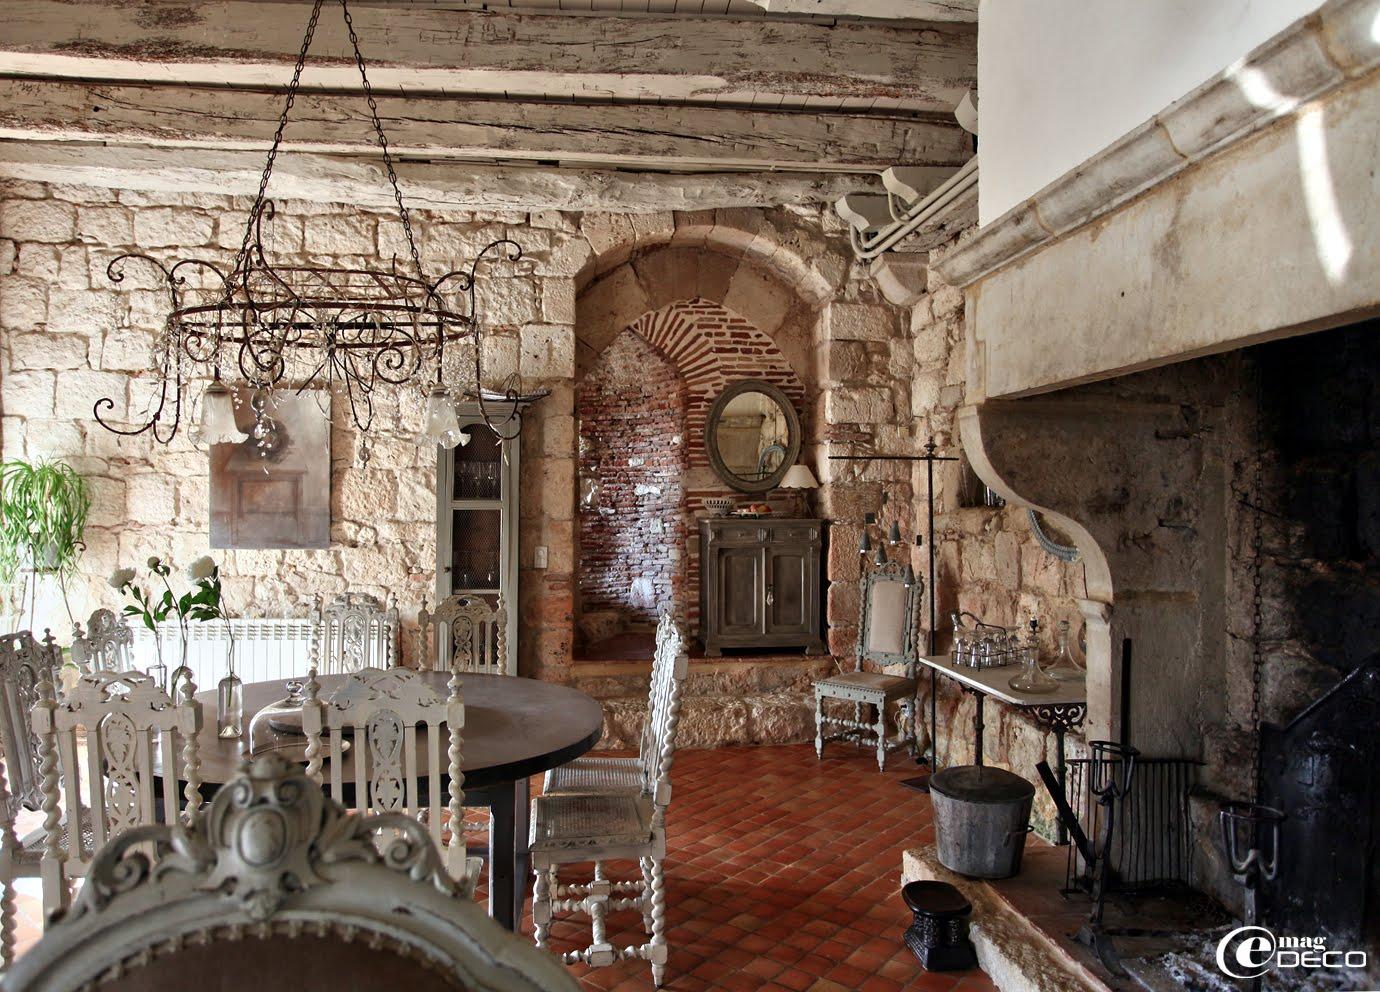 Le salon-salle à manger du Relais de Roquefereau